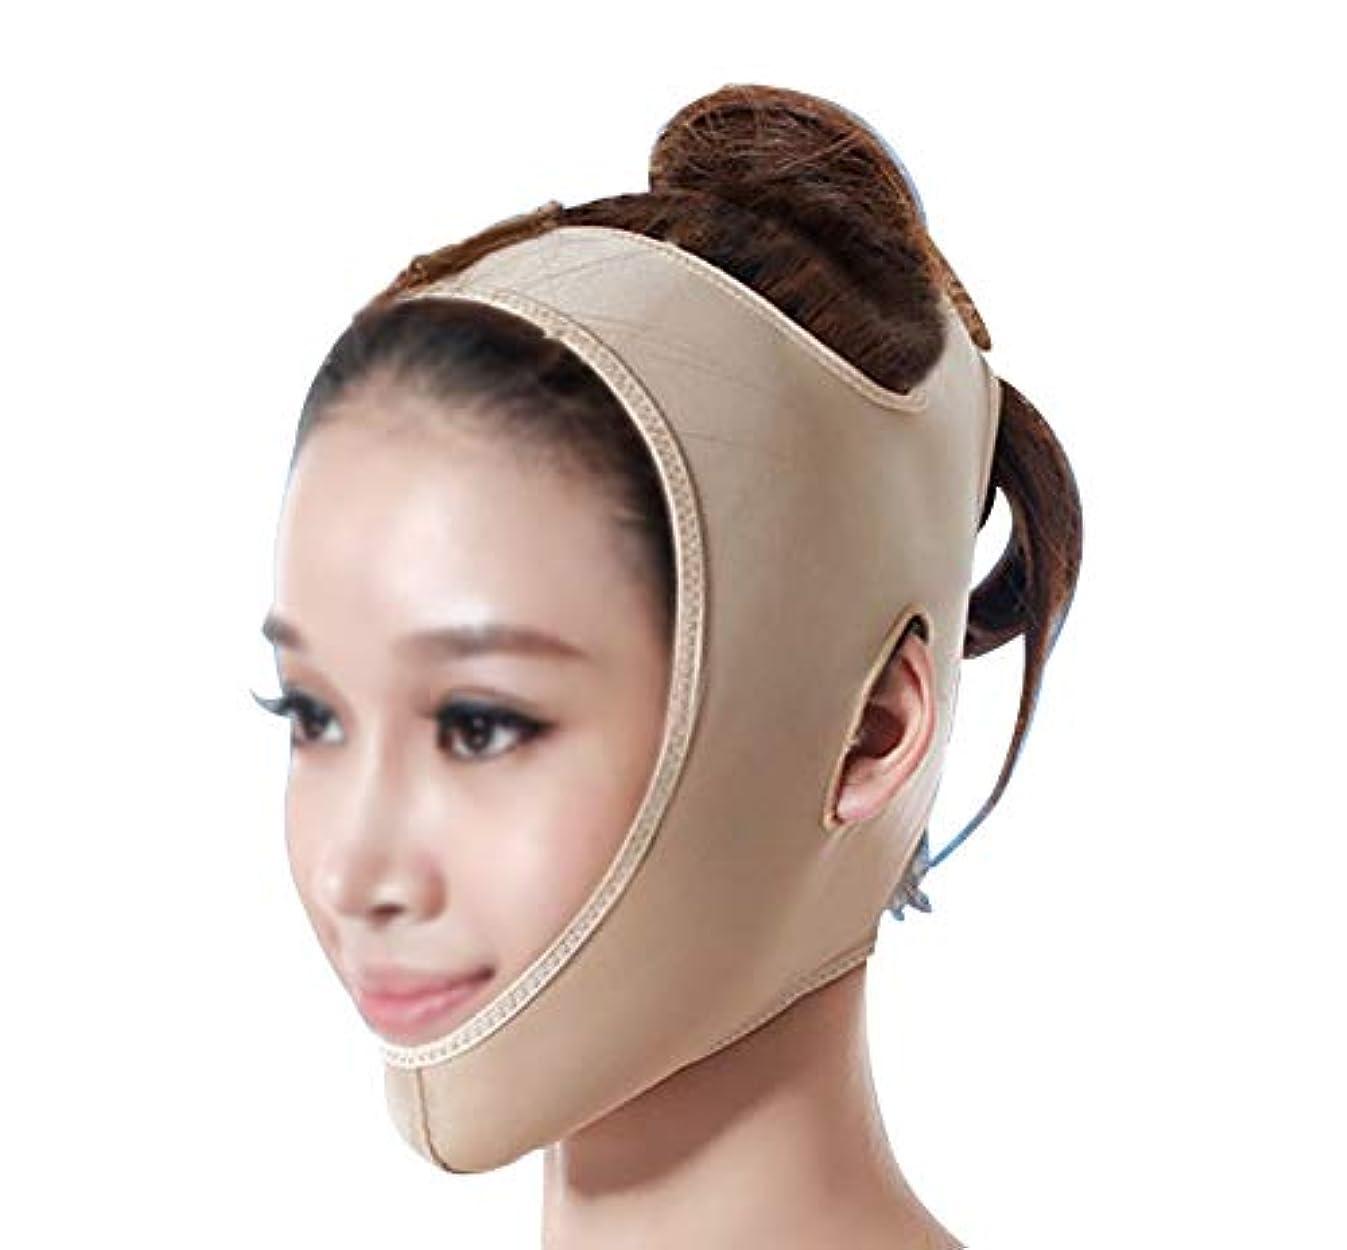 新鮮な縮れたヒロイックGLJJQMY 引き締めマスクマスク美容薬マスク美容V顔包帯ライン彫刻引き締めしっかりダブルチンマスク 顔用整形マスク (Size : M)